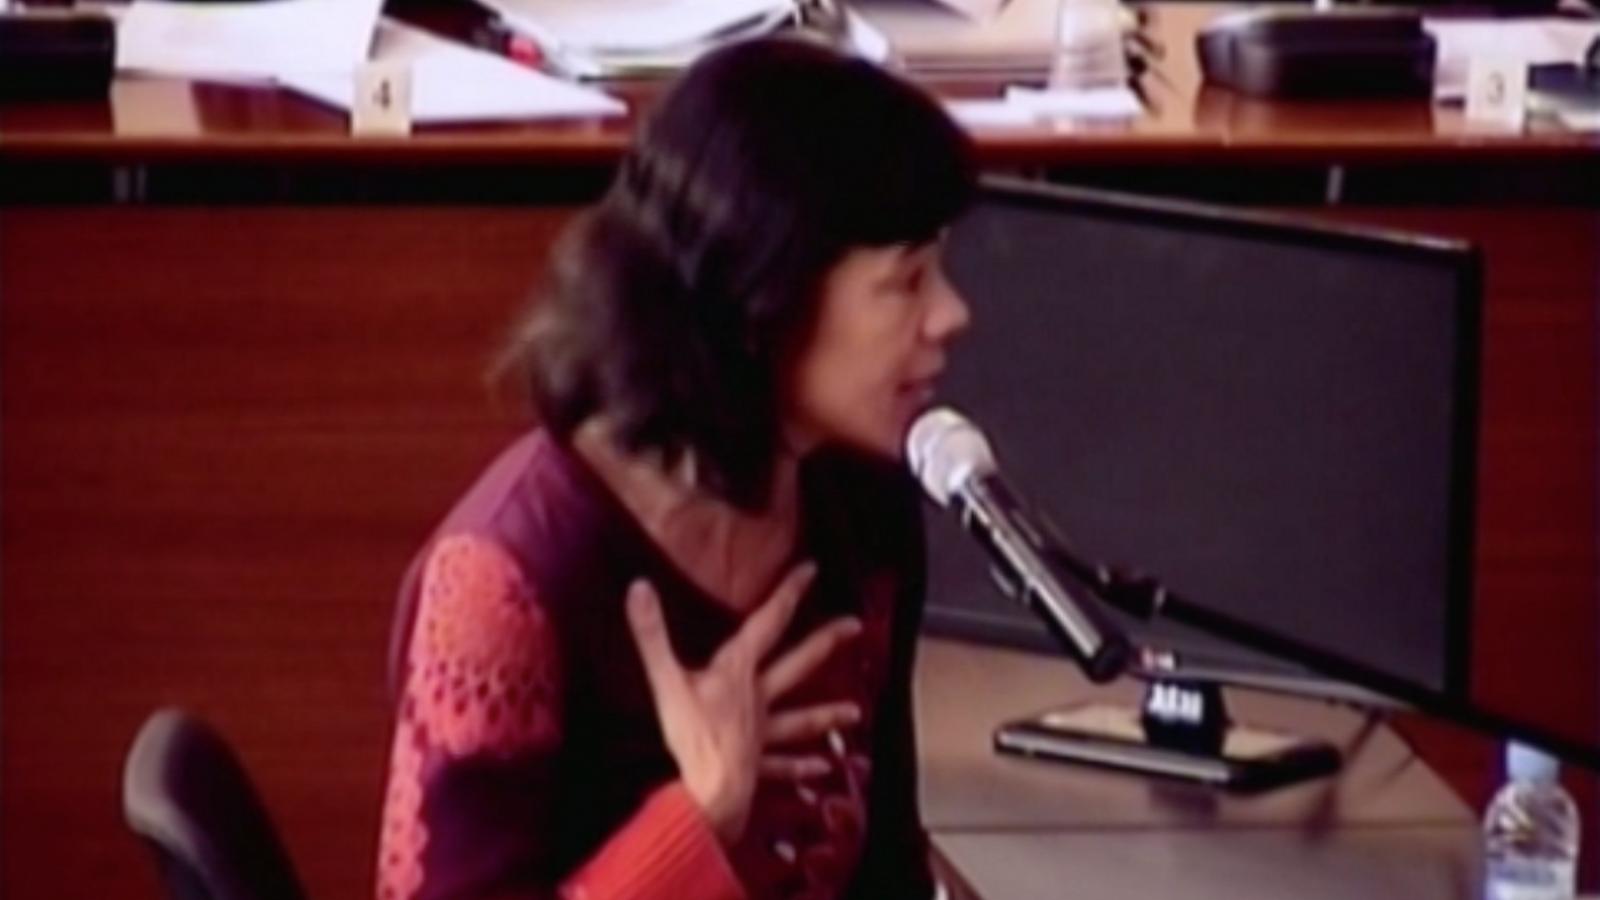 Declaració de les filles de Millet al judici pel cas Palau